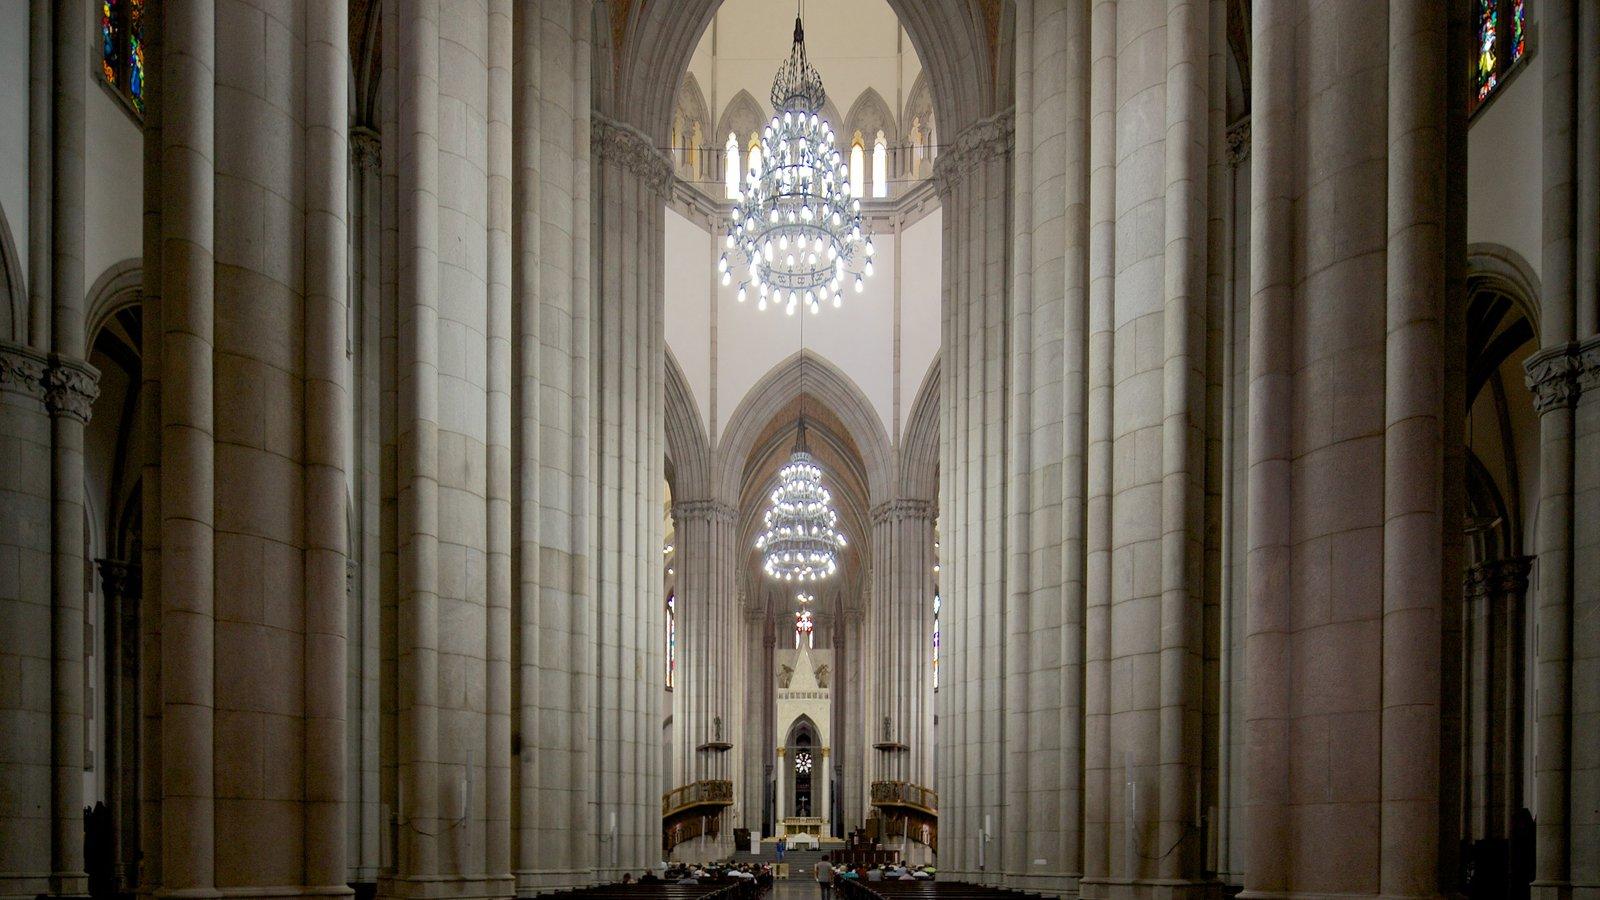 Catedral Metropolitana de São Paulo caracterizando elementos religiosos, arquitetura de patrimônio e vistas internas